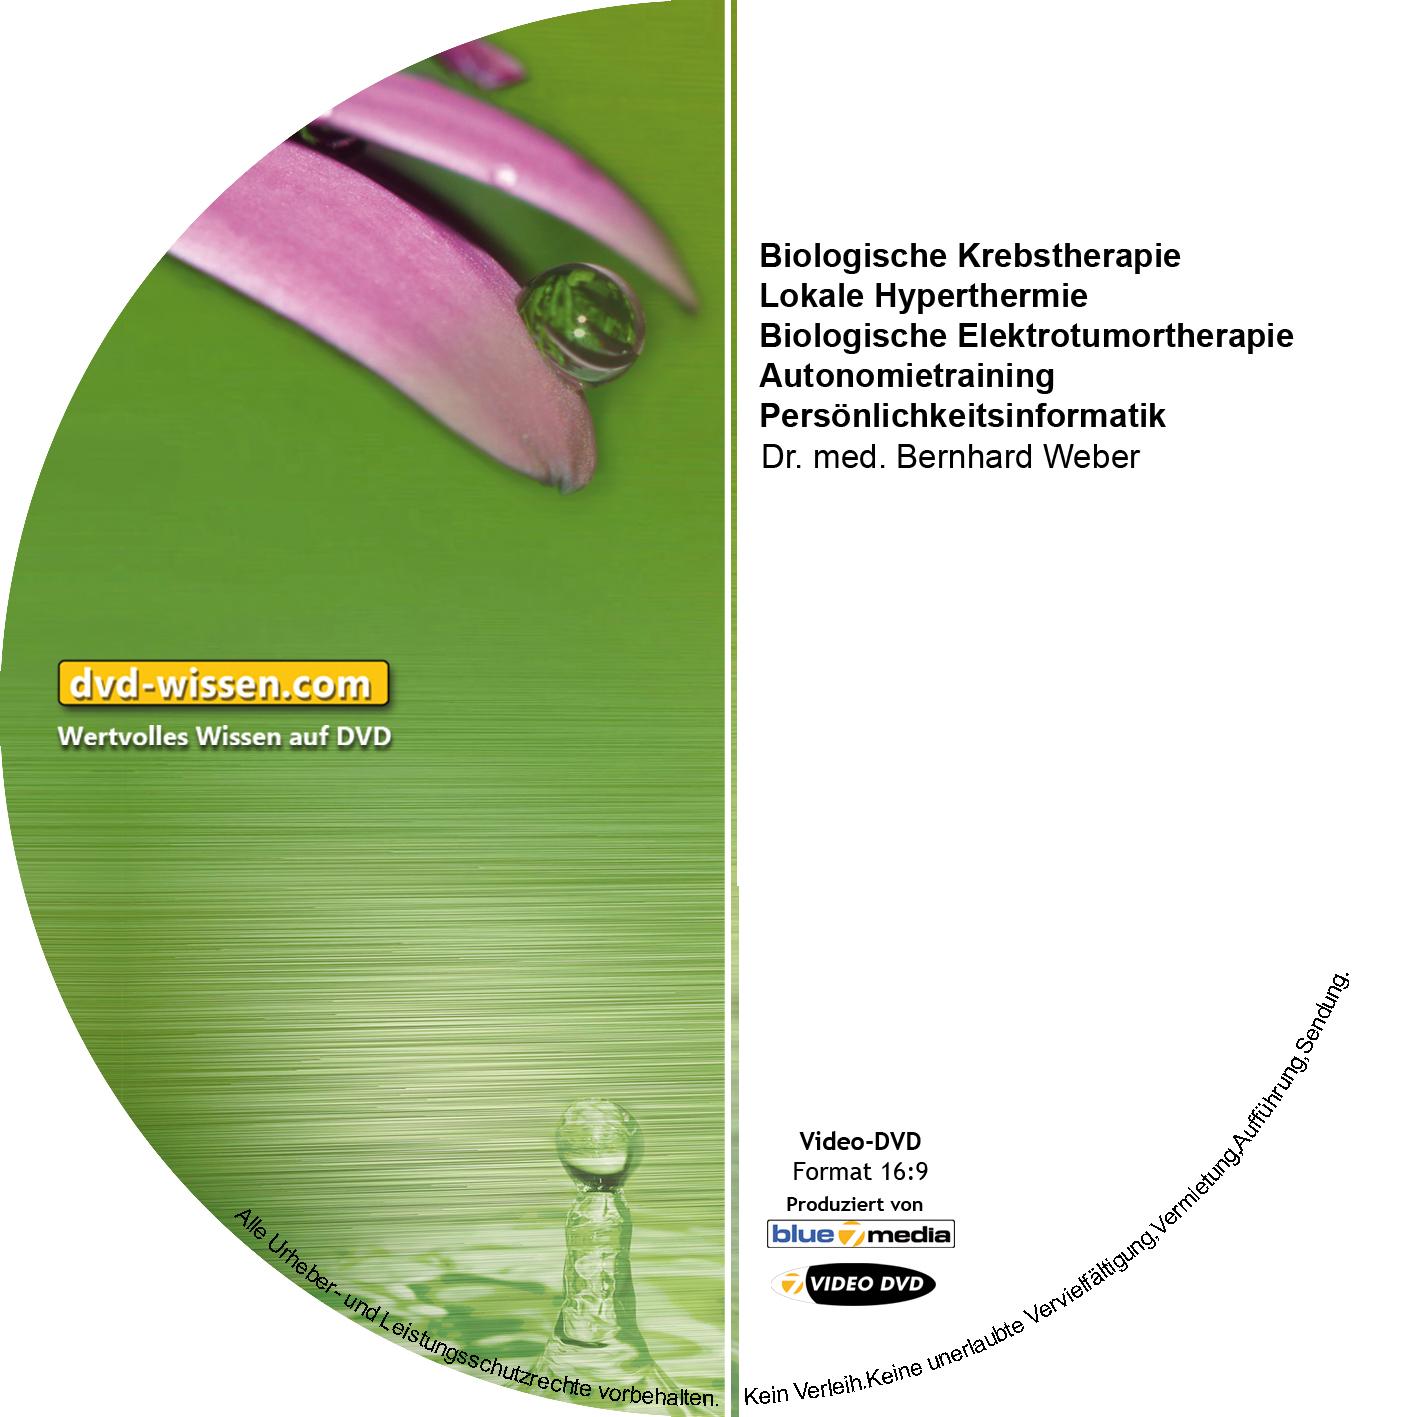 Dr. med. Bernhard Weber: Biologische Krebstherapie - Lokale Hyperthermie - Biologische Elektrotumortherapie - Autonomietraining - Persönlichkeitsinformatik